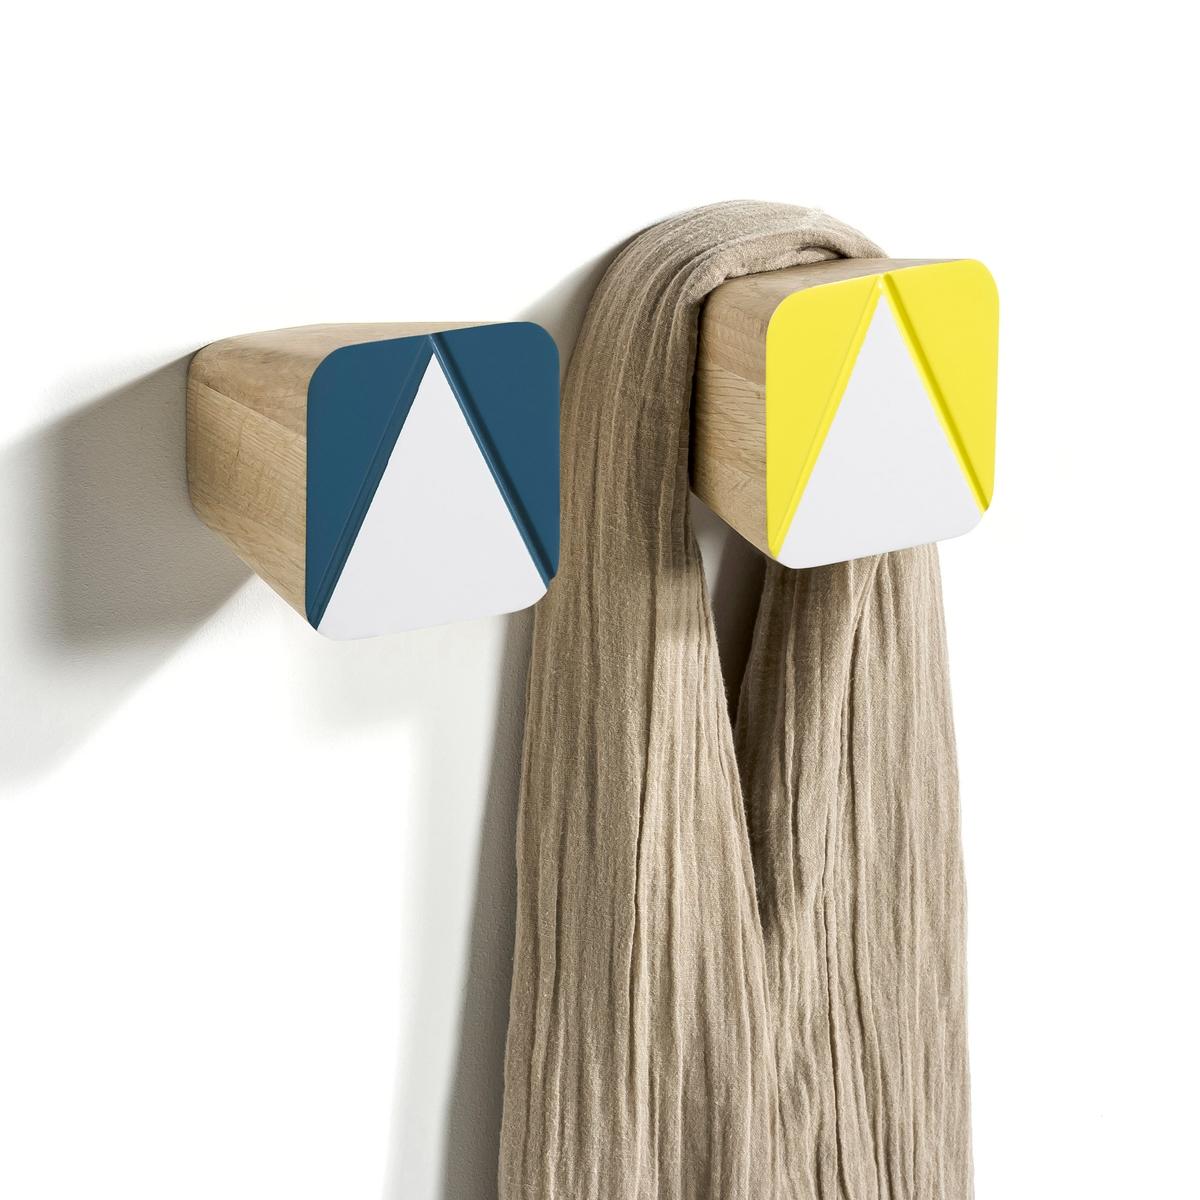 2 вешалкиПростая форма в скандинавском стиле. Разместив их рядом, Вы украсите стену в доме. Характеристики:-Выполнены из крашеного дуба.- Крепятся к стене (болт и дюбель для крепления продаются отдельно).Размеры:- 8 x 8 x 8 см.Продаются комплектом из 2 шт.<br><br>Цвет: разноцветный<br>Размер: единый размер